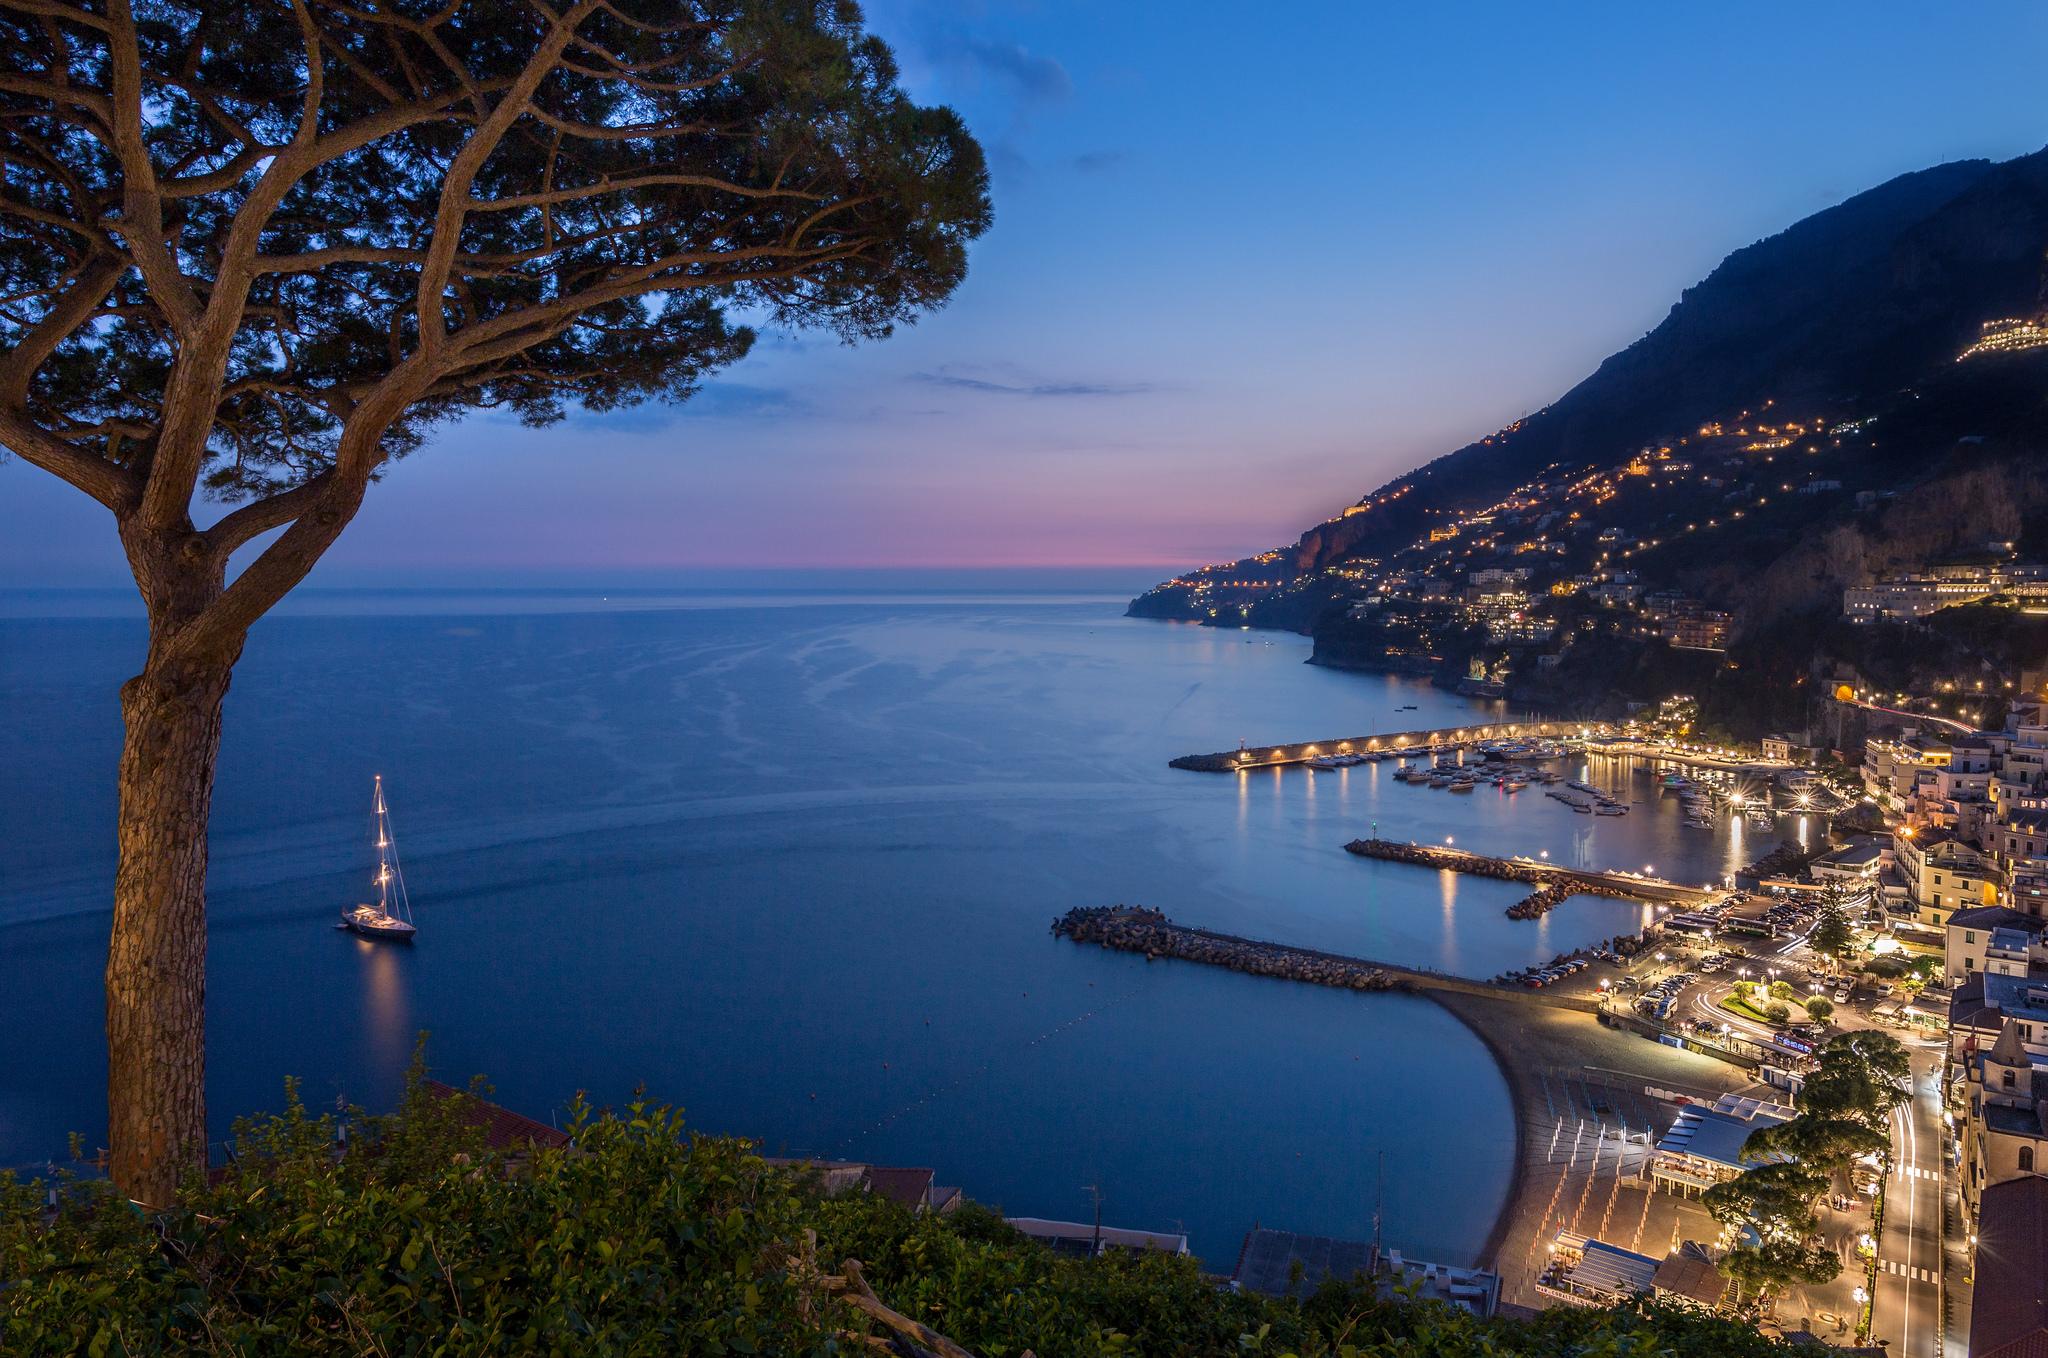 Salita Capo di Croce, overlooking the town of Amalfi, Italy